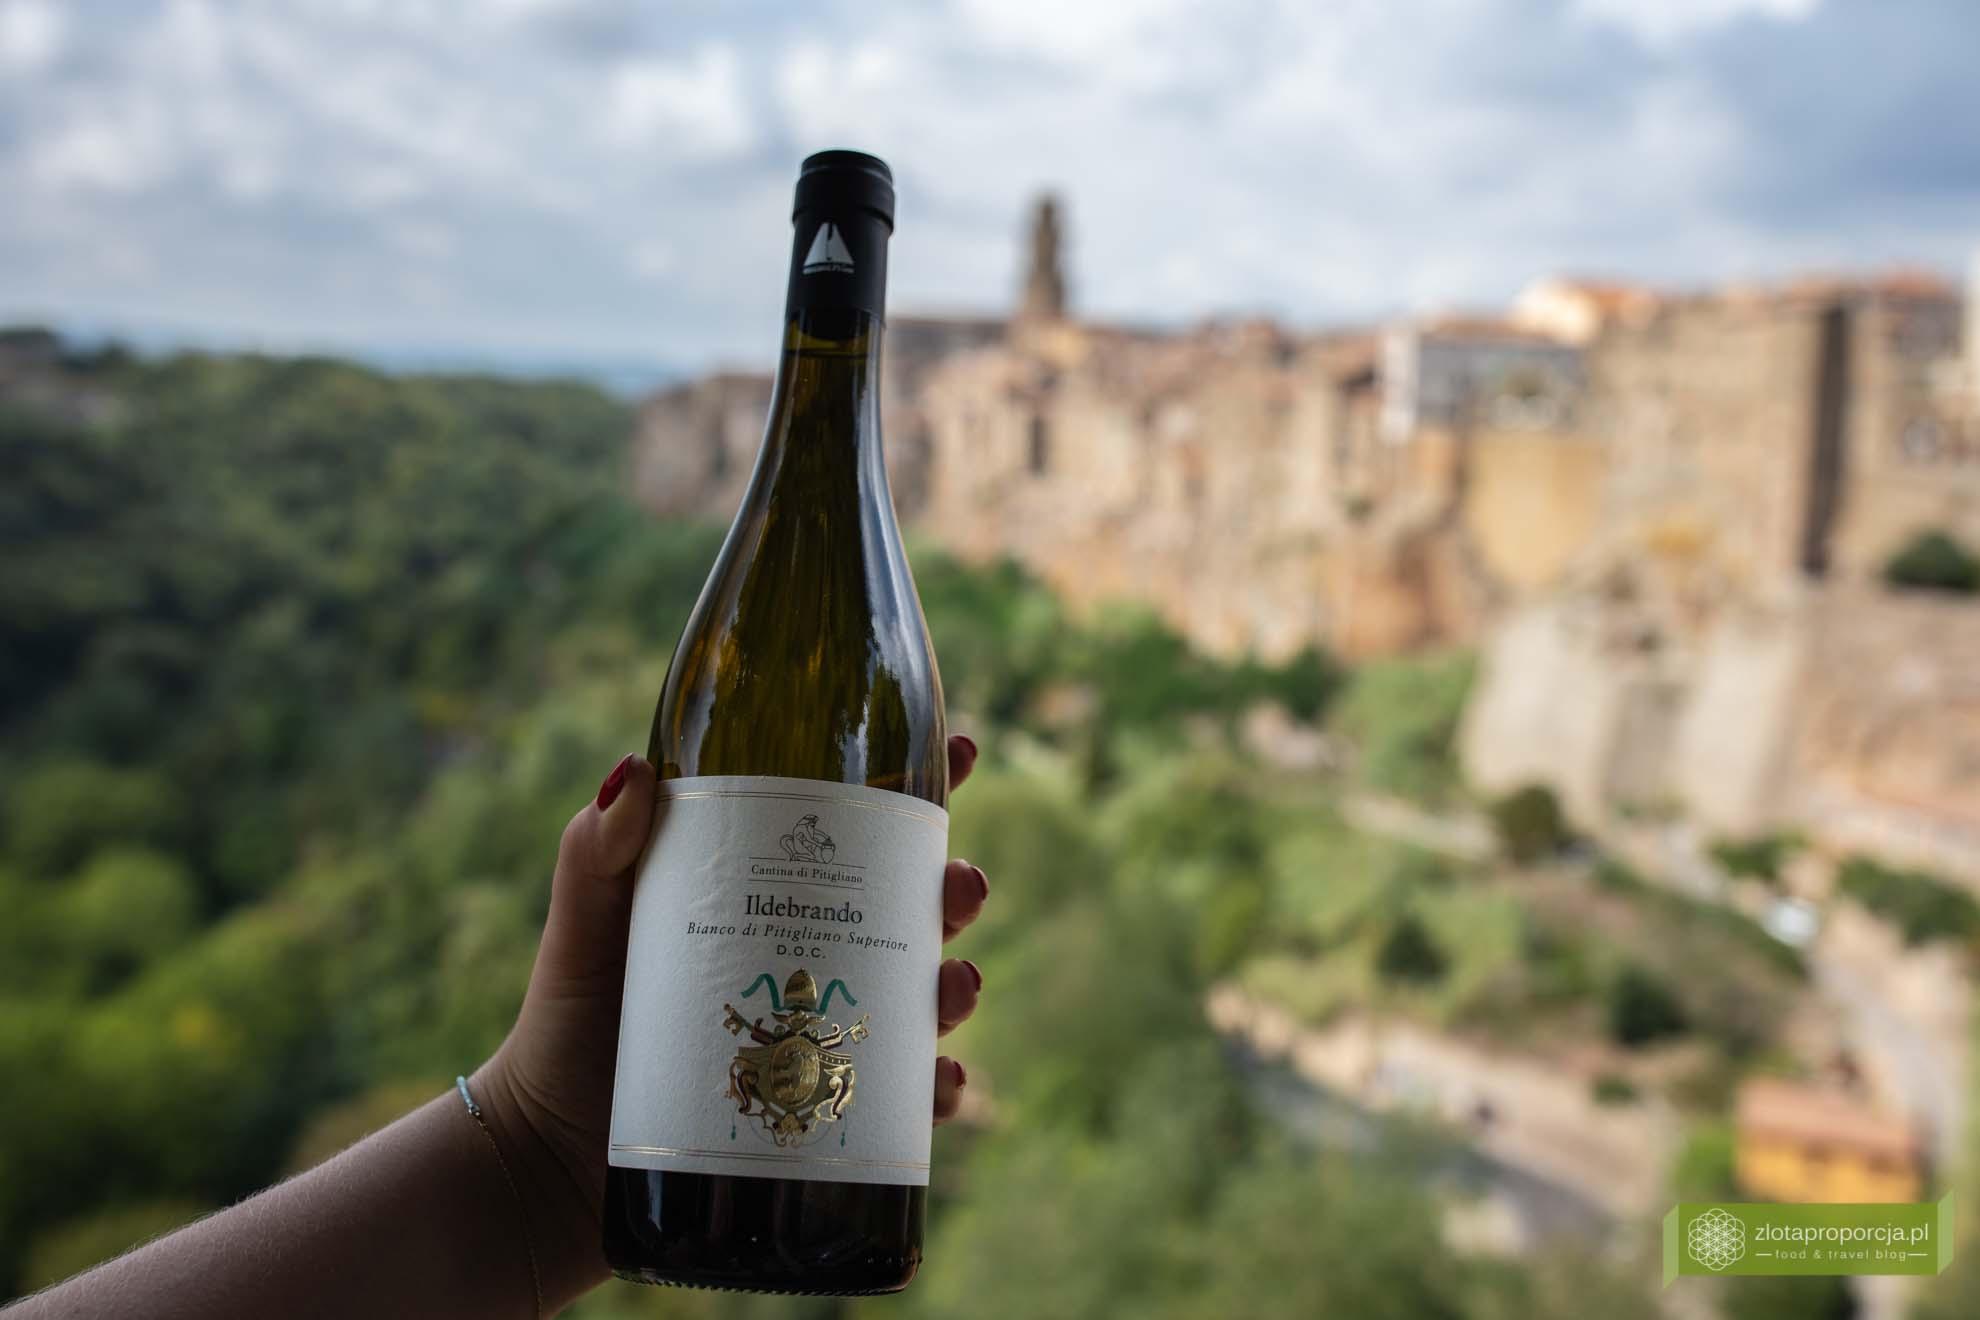 Pitigliano; Bianco di Pitigliano; wino z Pitigliano